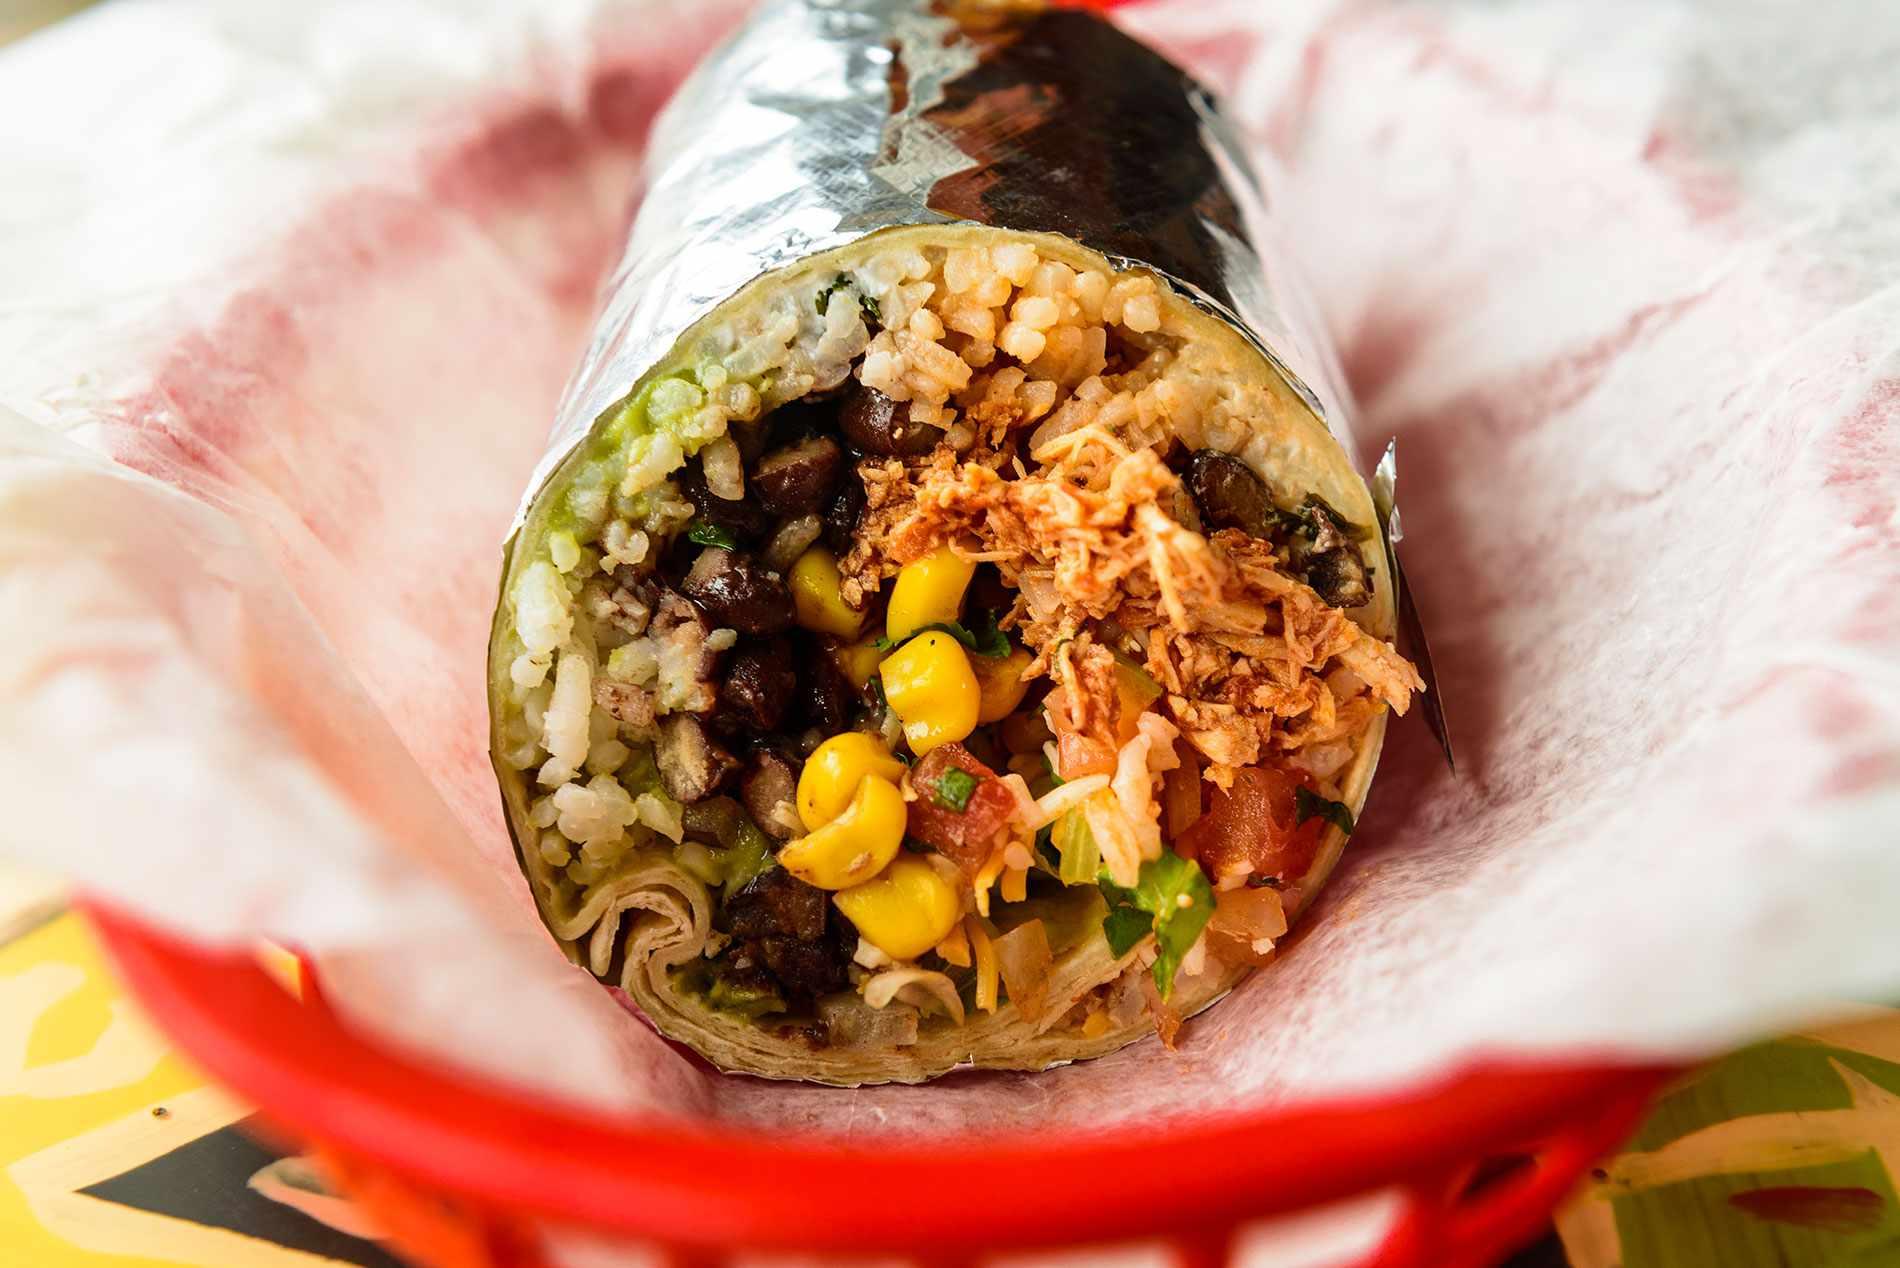 Ohio City Burrito